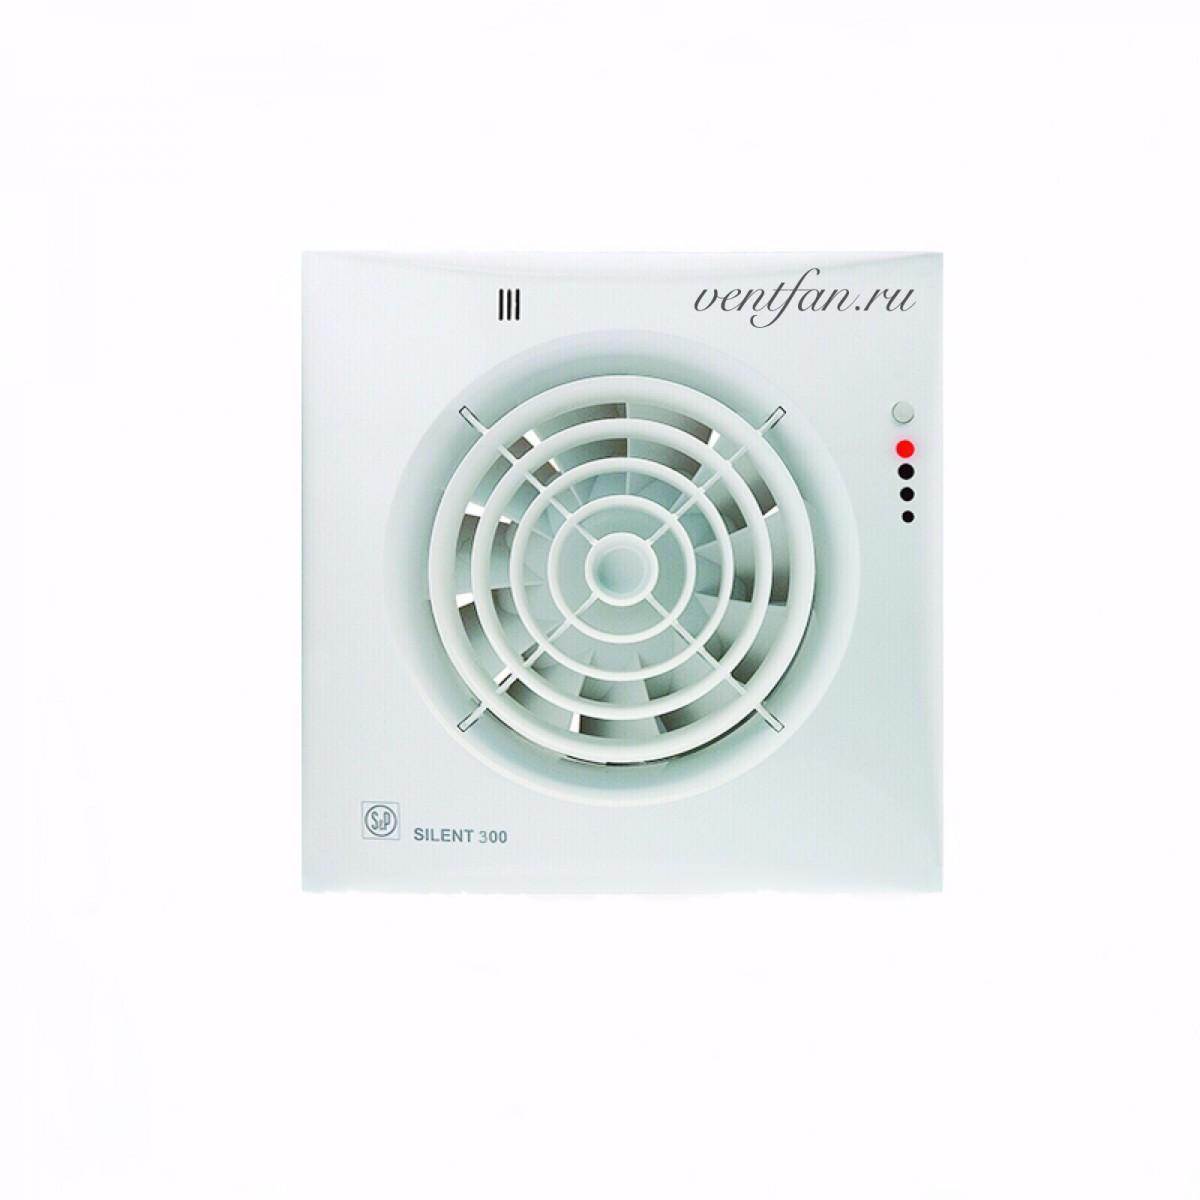 Вентилятор с таймером для ванной комнаты схема подключения